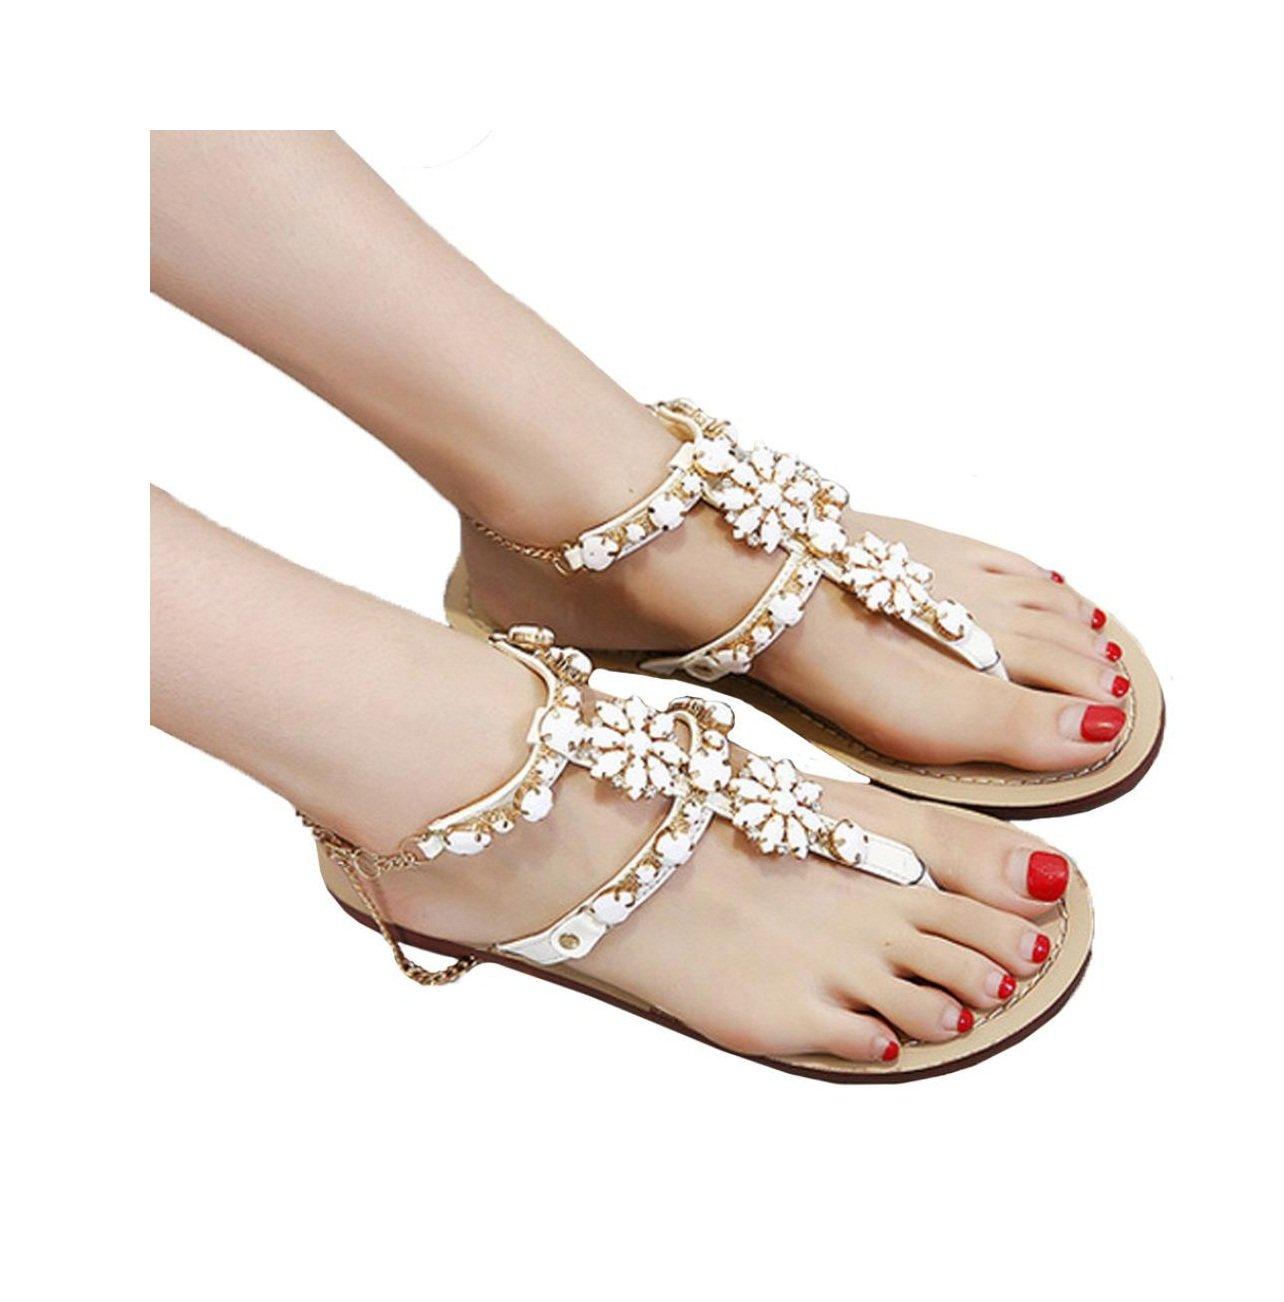 Sandales Été, YUYOUG pour Femmes plates B01E96YCEK d été T-sangle strass brillants chaîne sandales T-sangle chaussures confortables pour Filles ? B e49b80f - latesttechnology.space